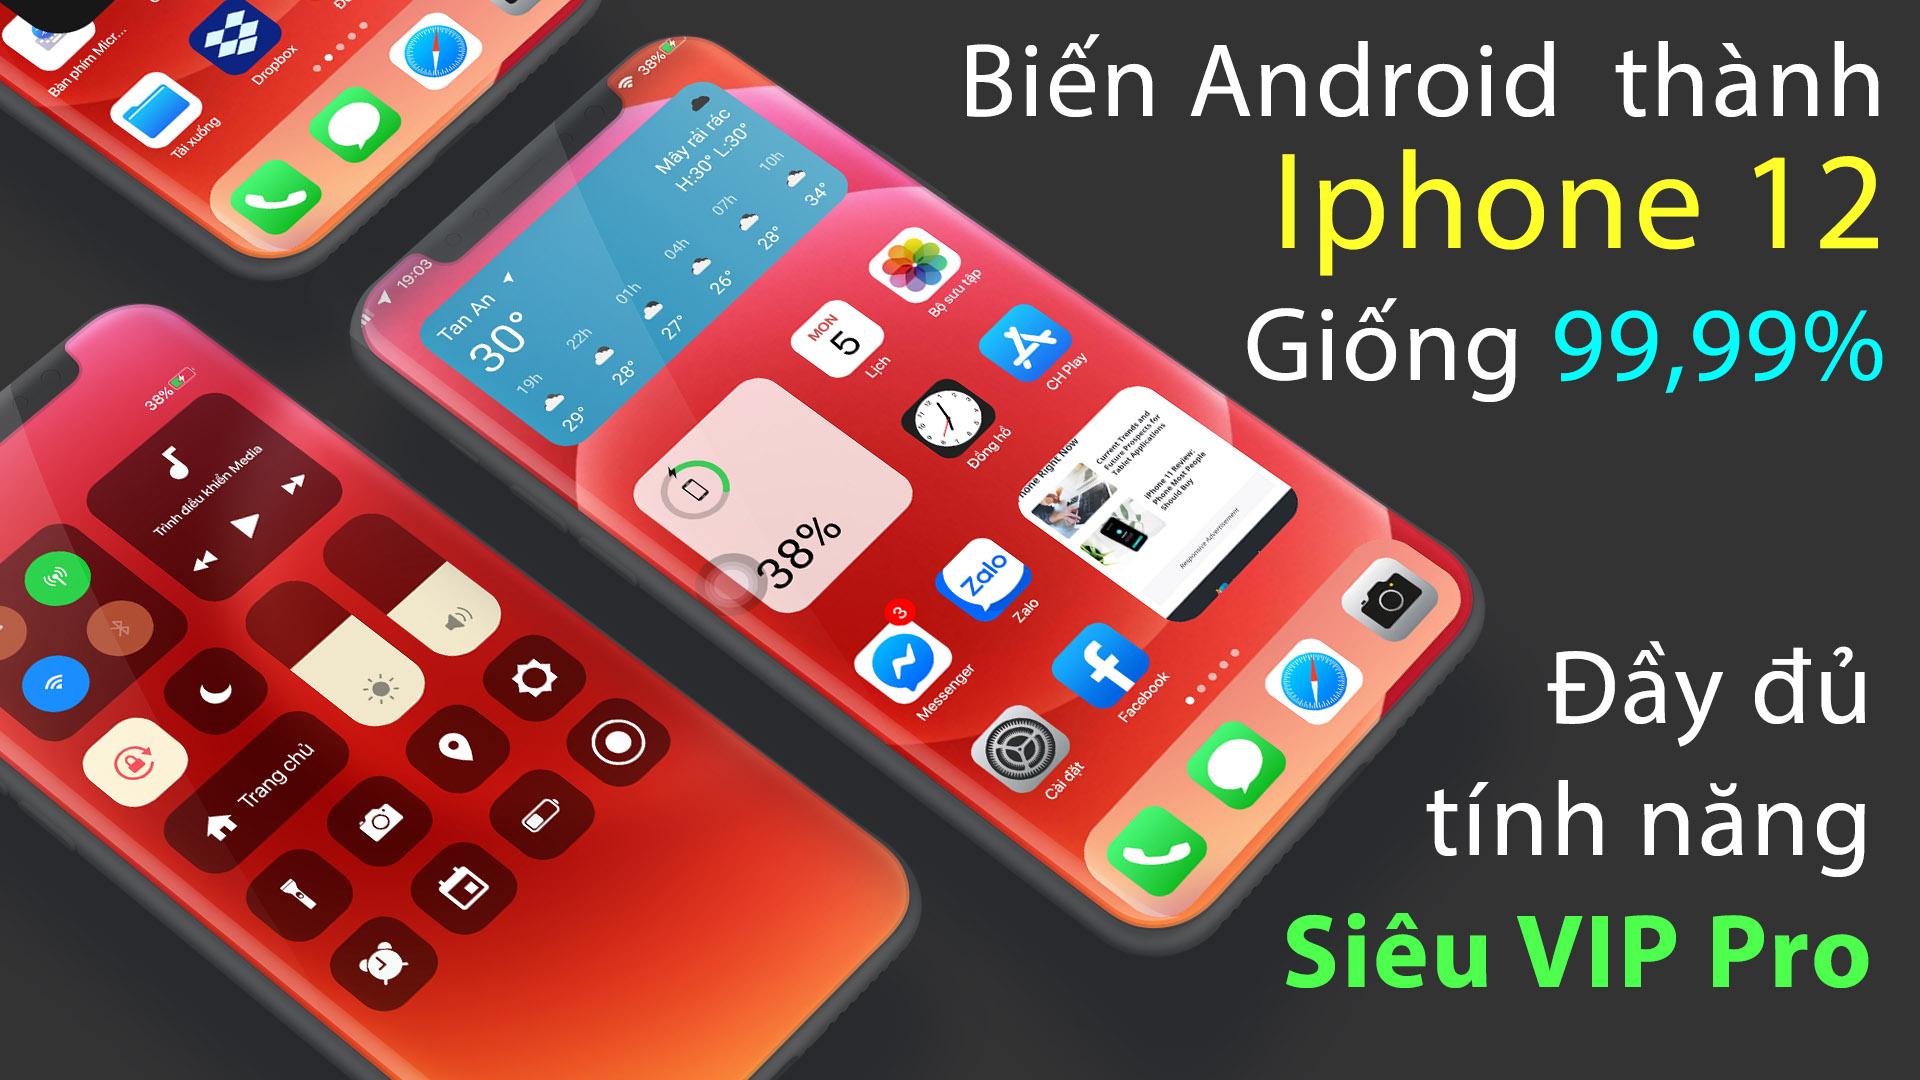 Cách biến điện thoại Android thành iPhone 12 chạy iOS 14 giống 99,999% đầy đủ tính năng 2021